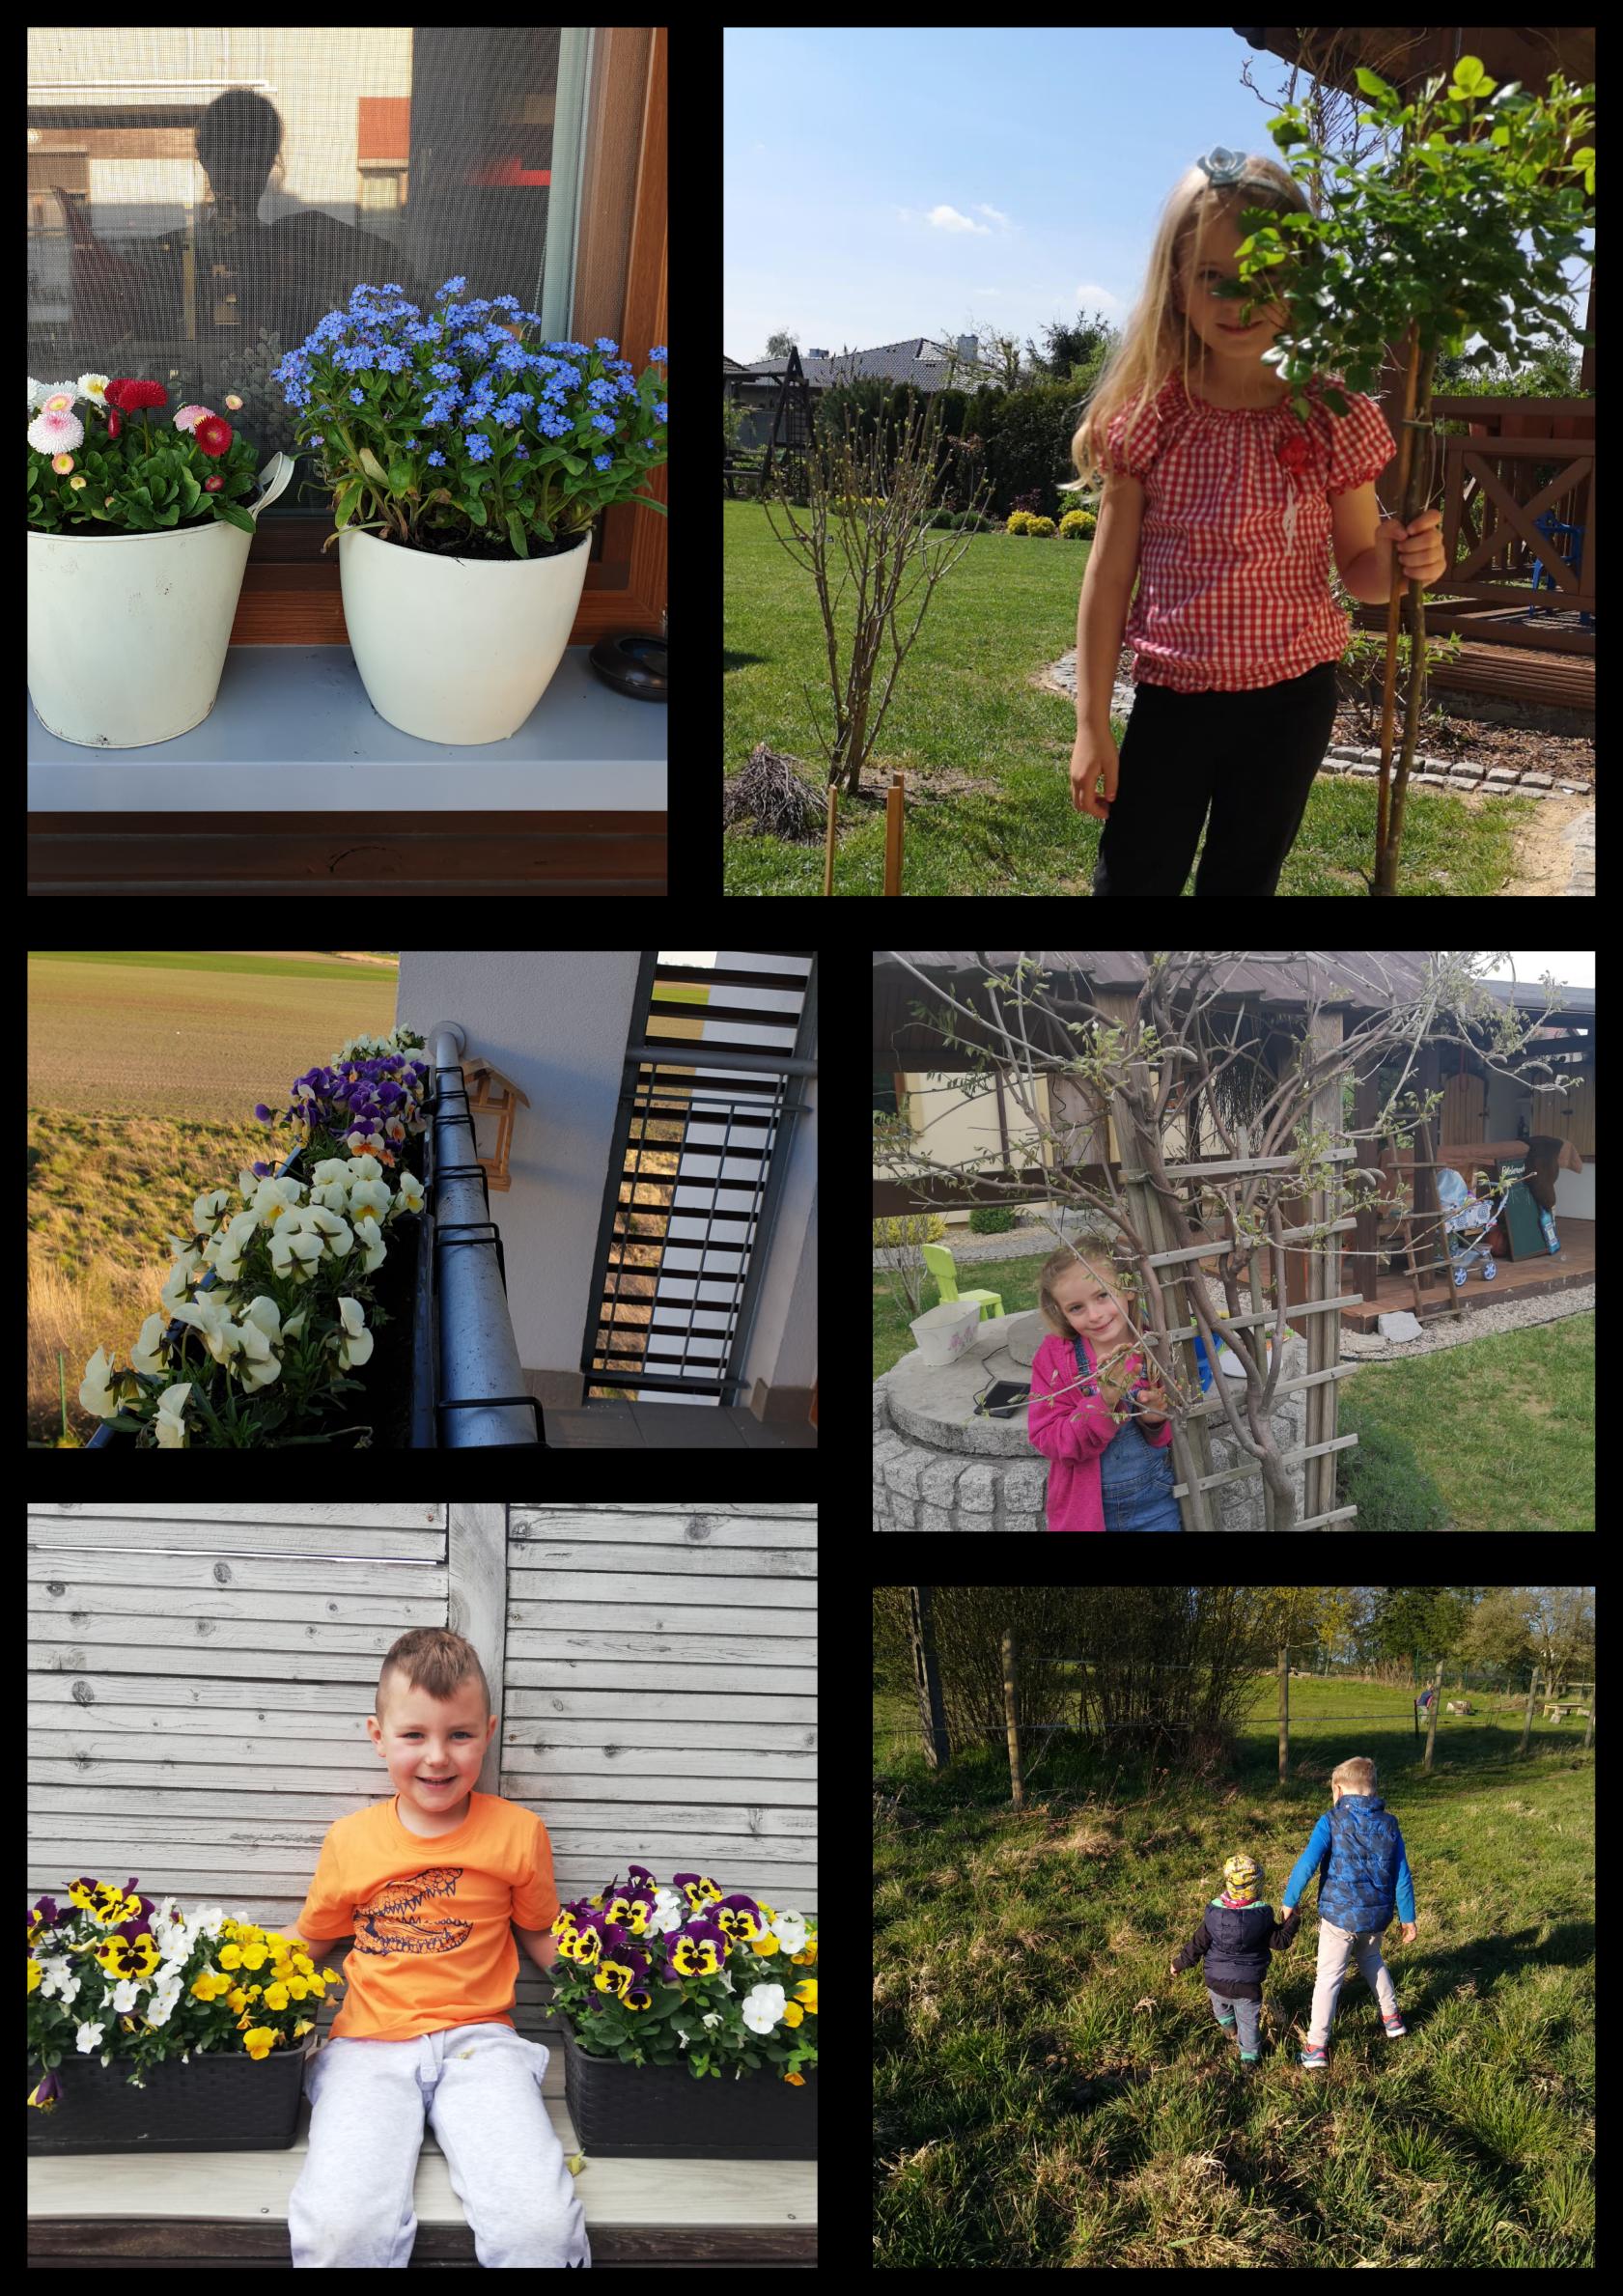 Na kolażu 6 zdjęć dziewczynek i chłopców w ogrodzie pozujących wśród kwiatów.